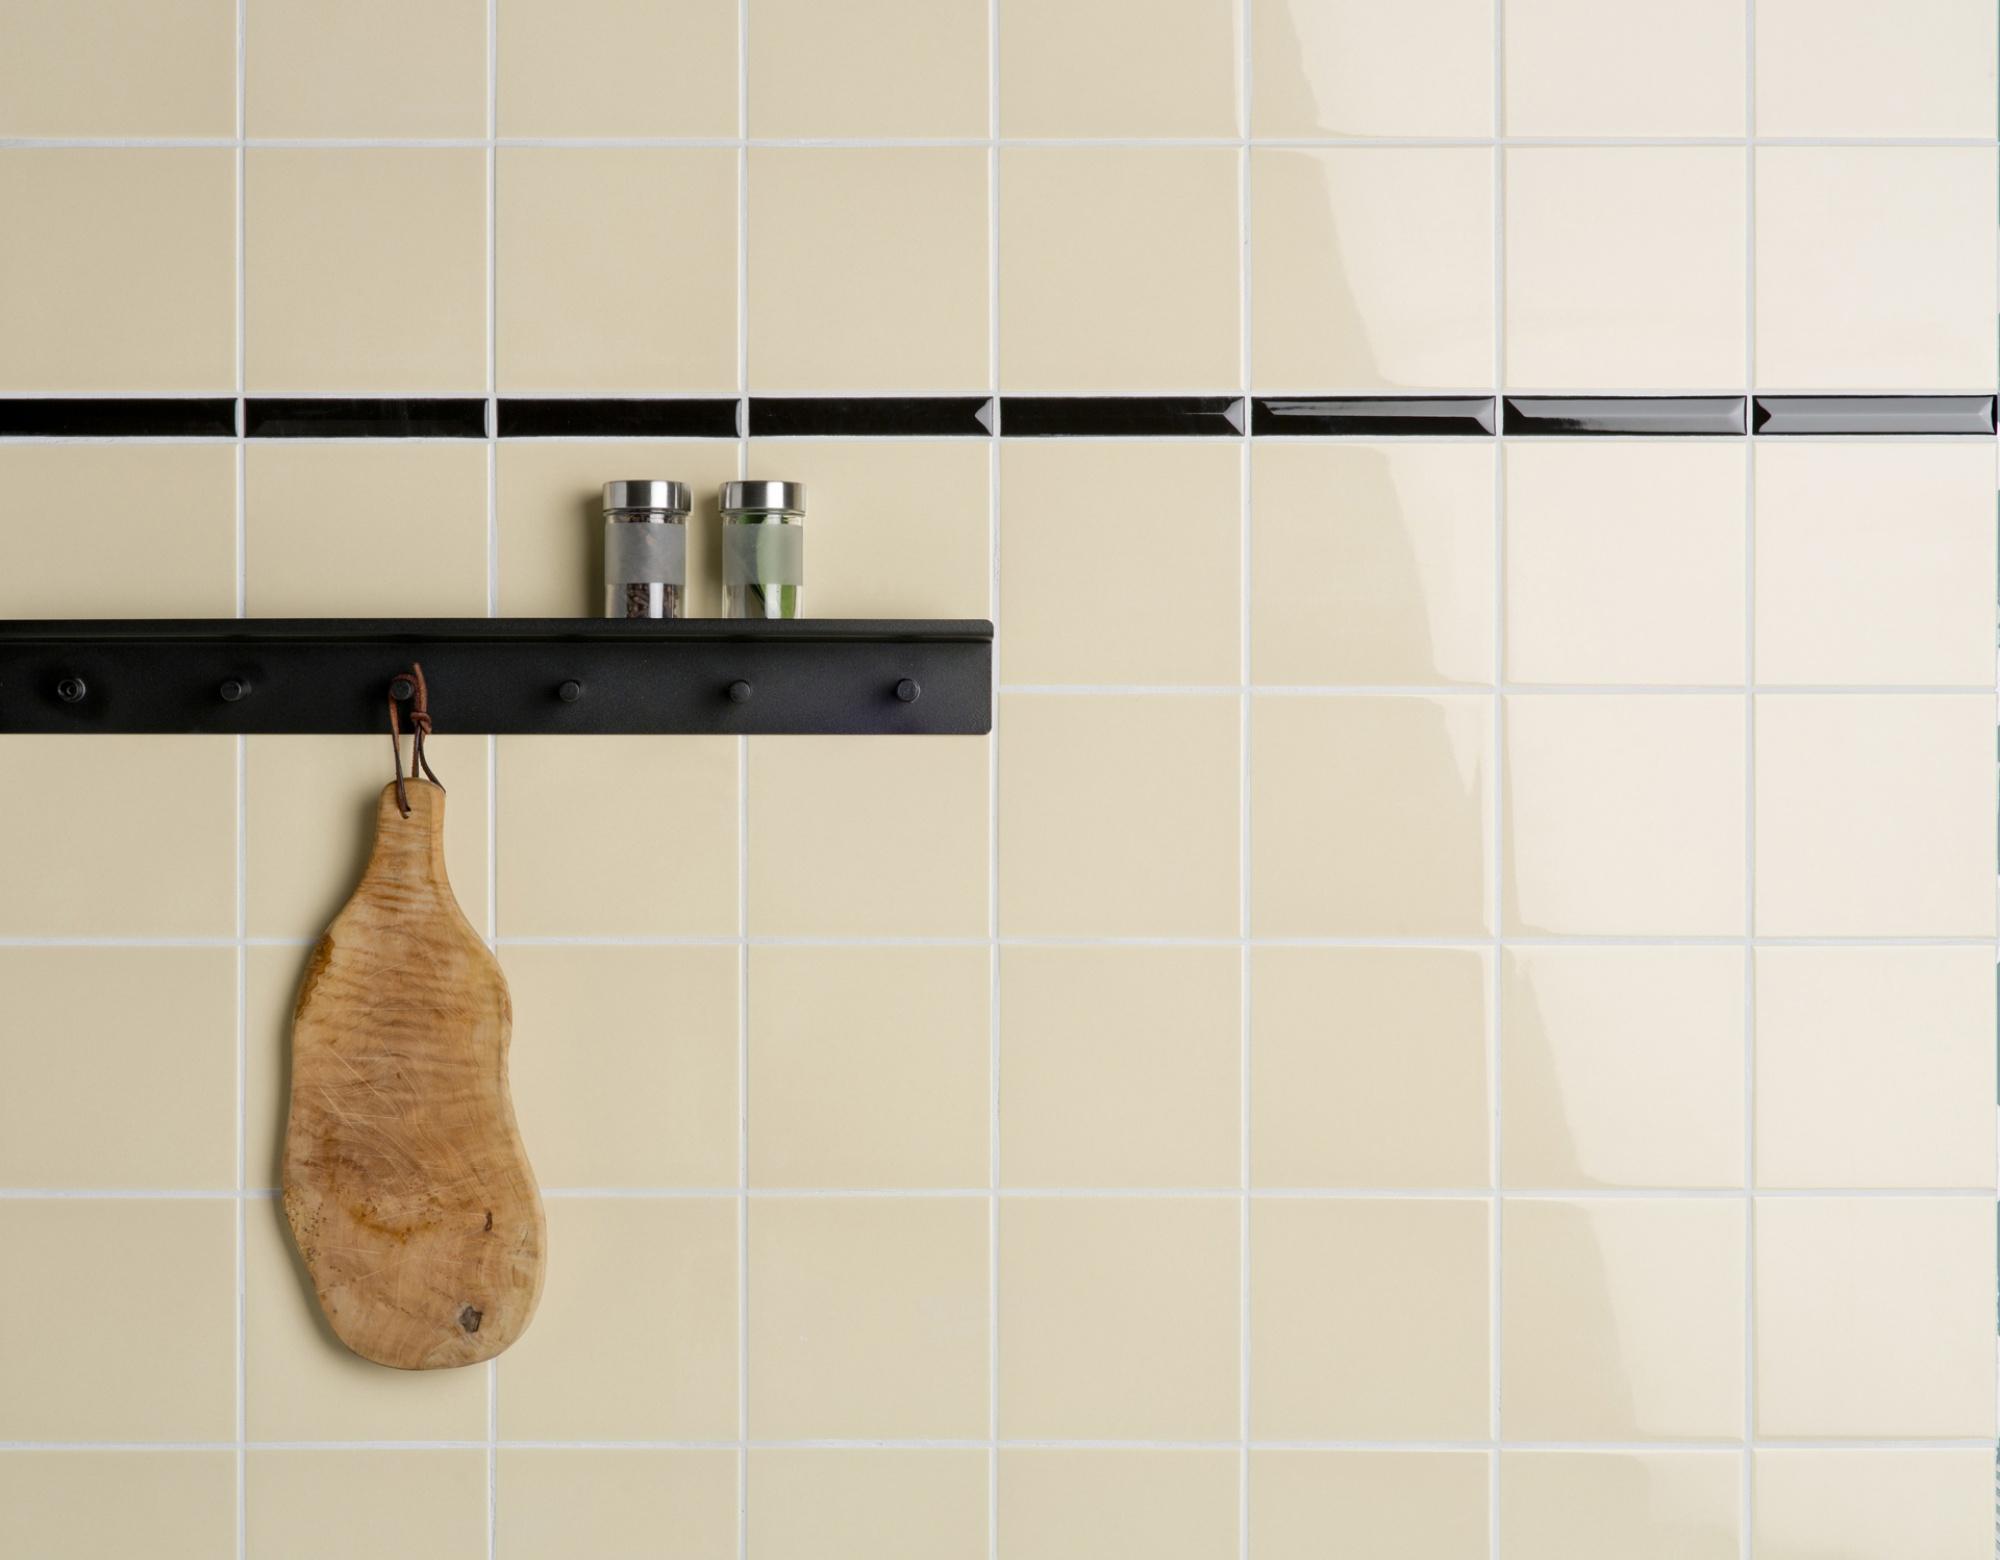 Mosa Tegels Kopen : Vloertegels badkamer mosa beste mosa tegels kopen sk tegels